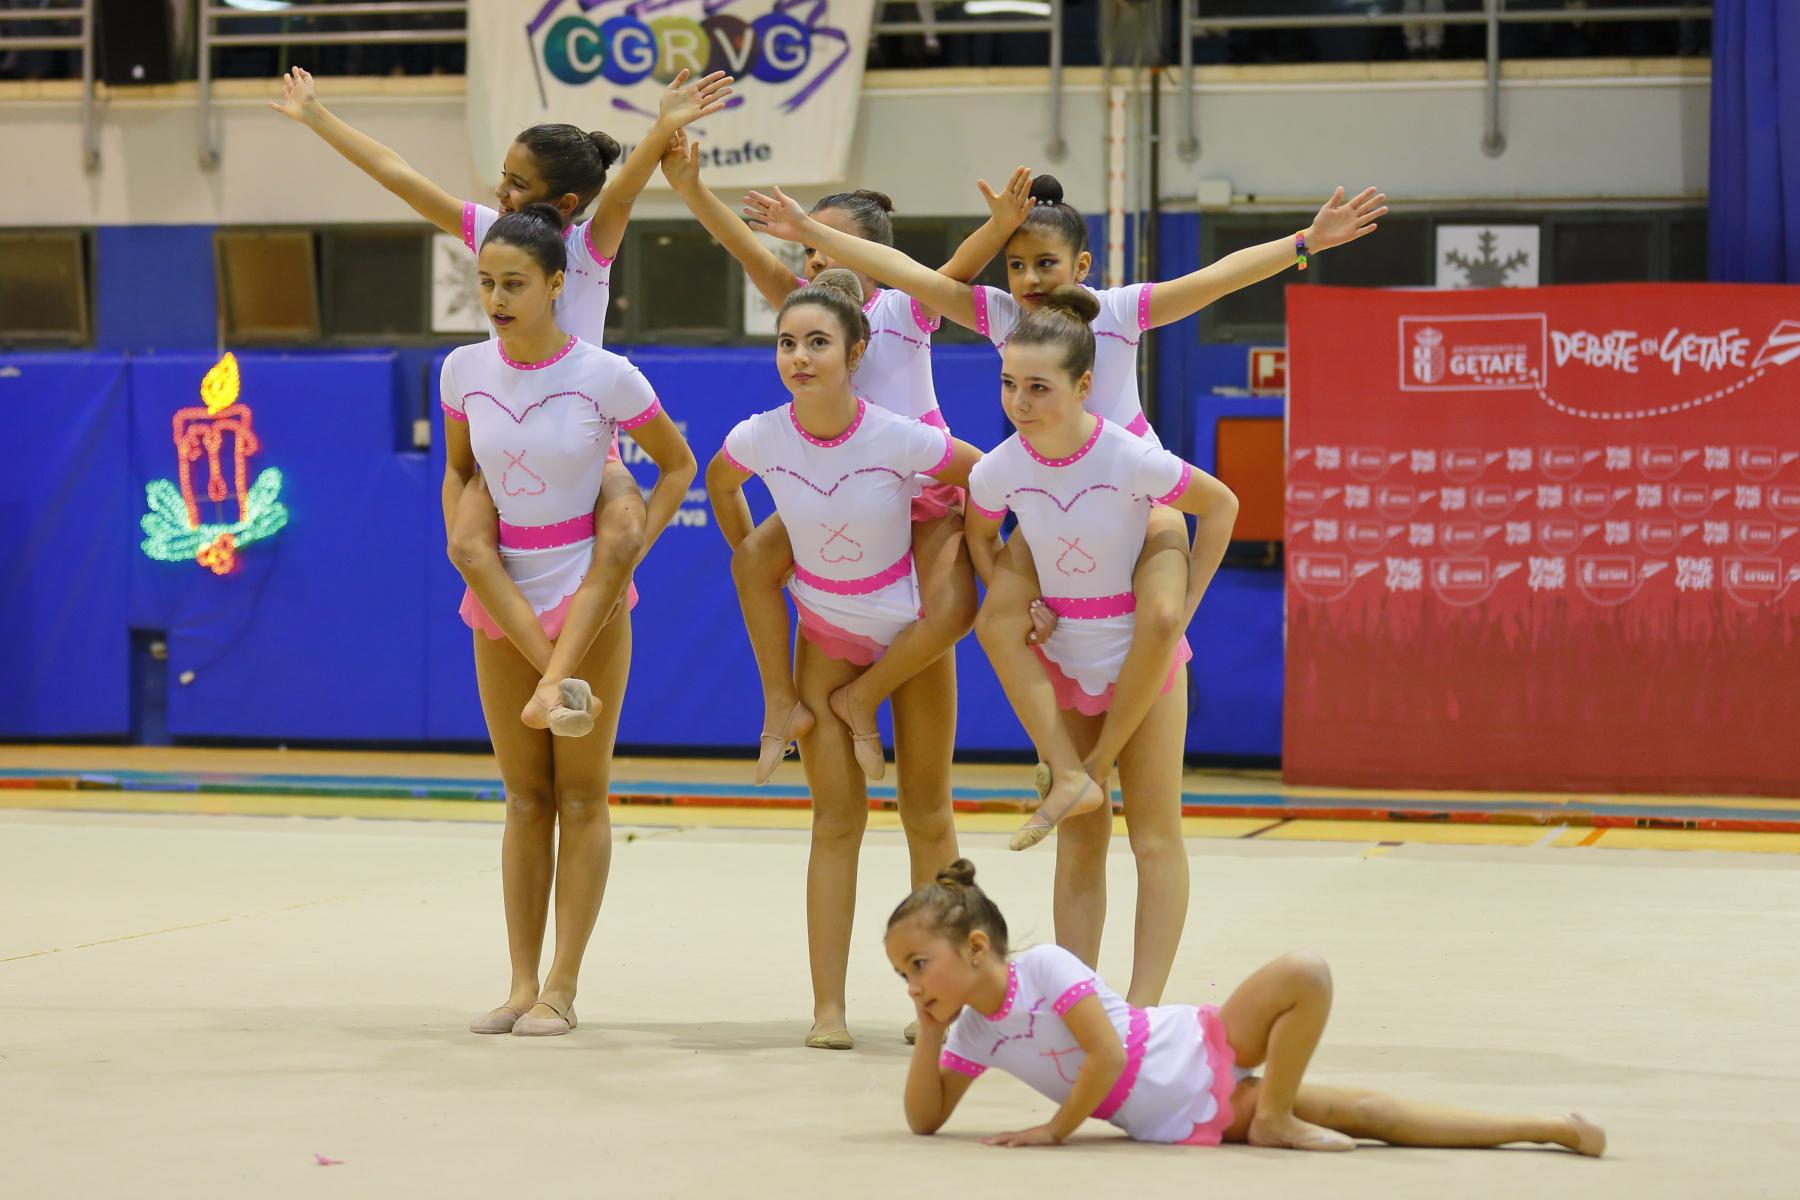 Escuela deportiva gimnasia est tica de grupo rosal a de for Deportes de gimnasia